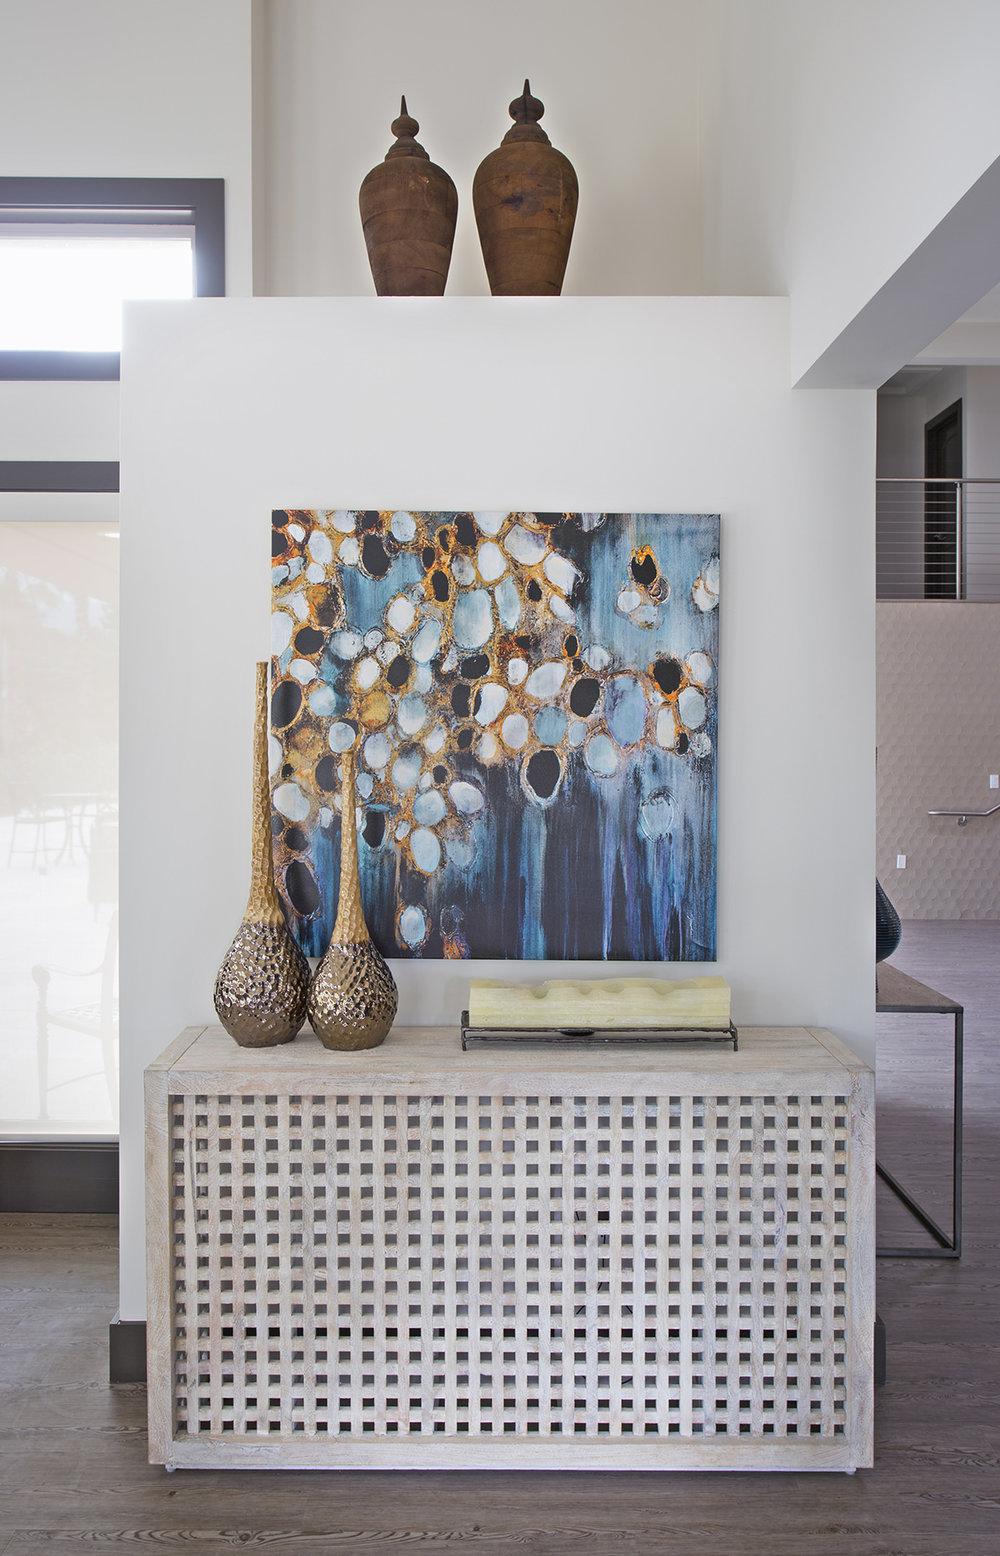 living-room-decor-interior-design-los-altos-california-ktj-design-co-5.jpg